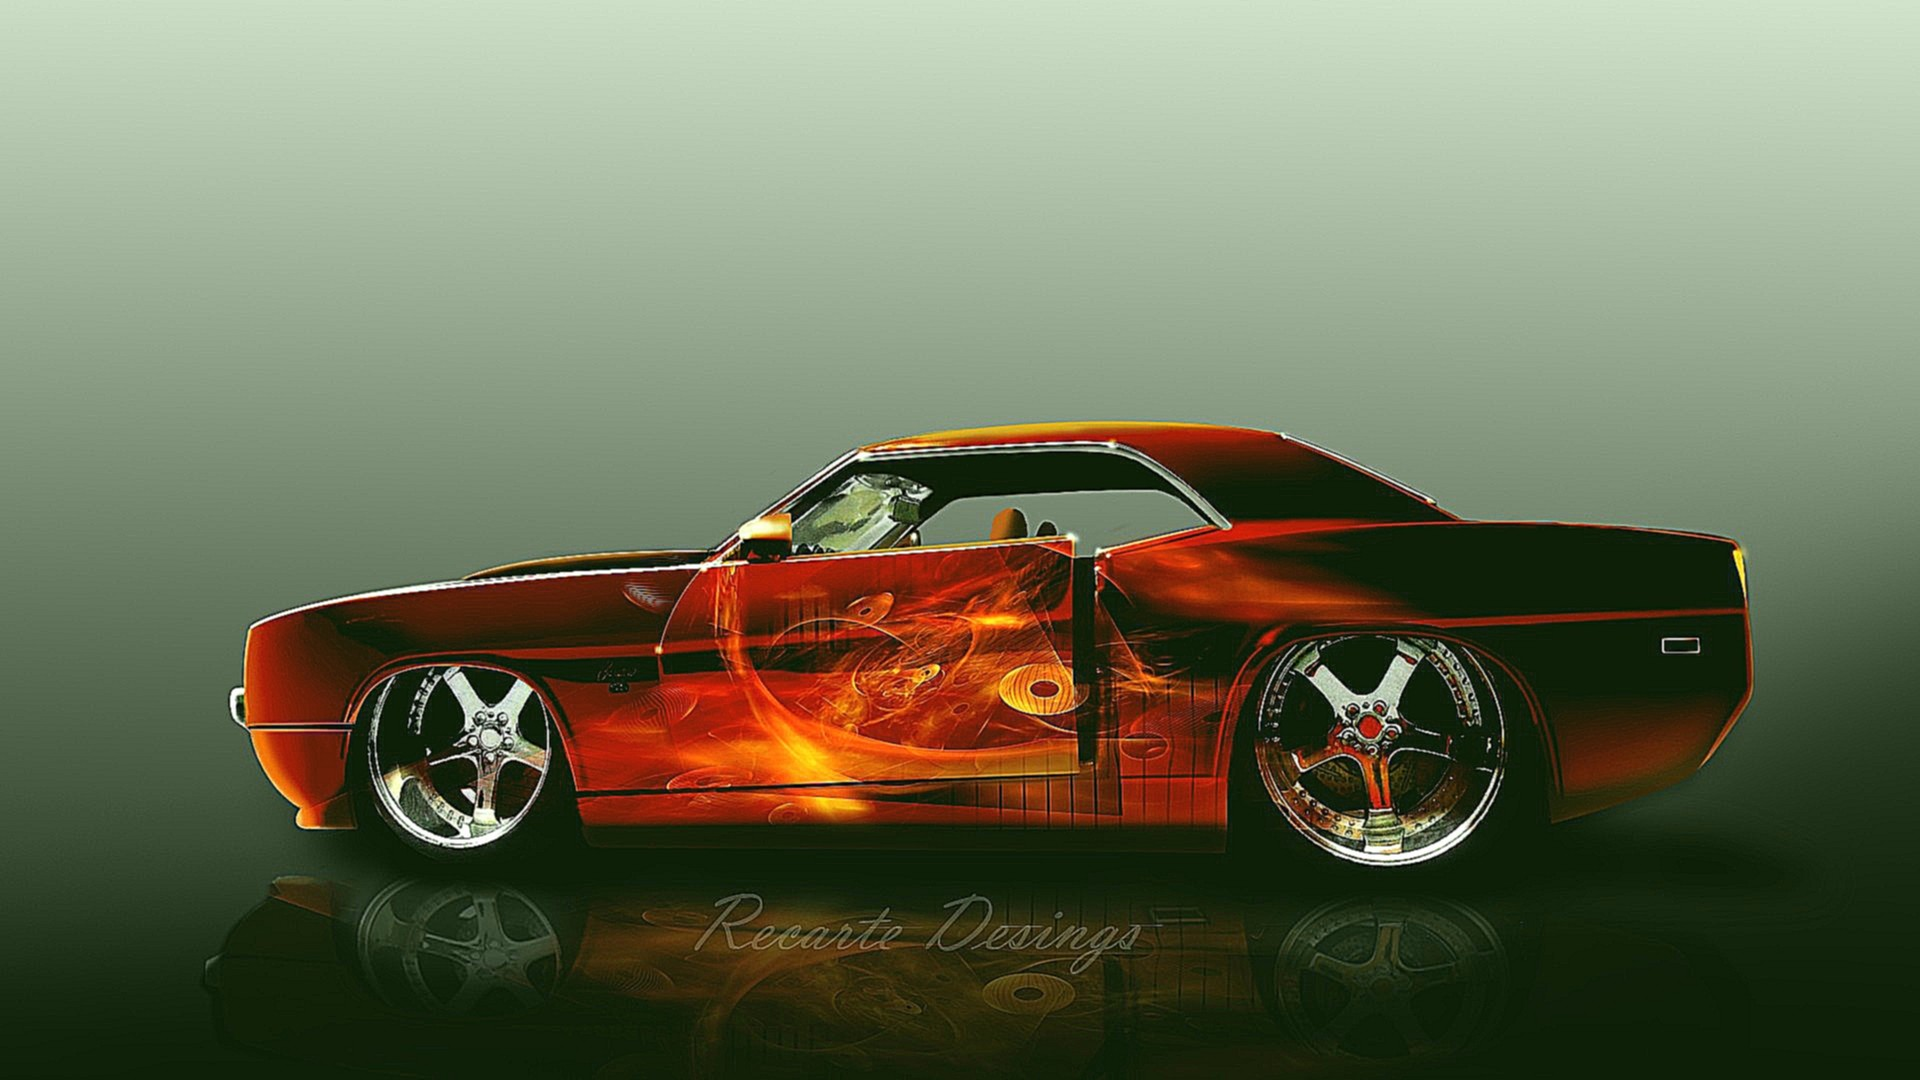 4k Wallpaper Muscle Car Custom Car Wallpapers 63 Images